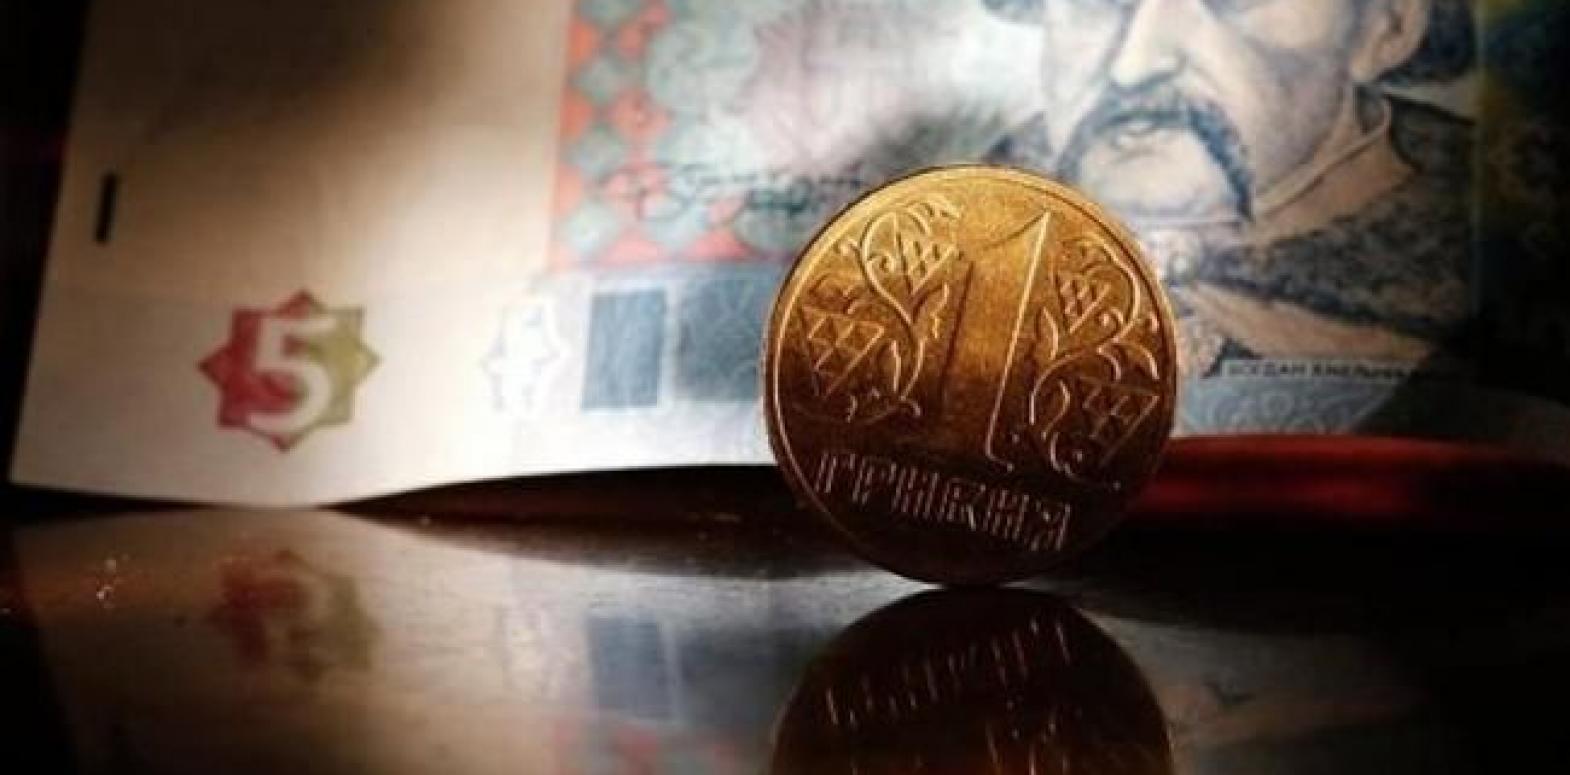 Уровень теневой экономики в Украине достигает 50%, - исследование